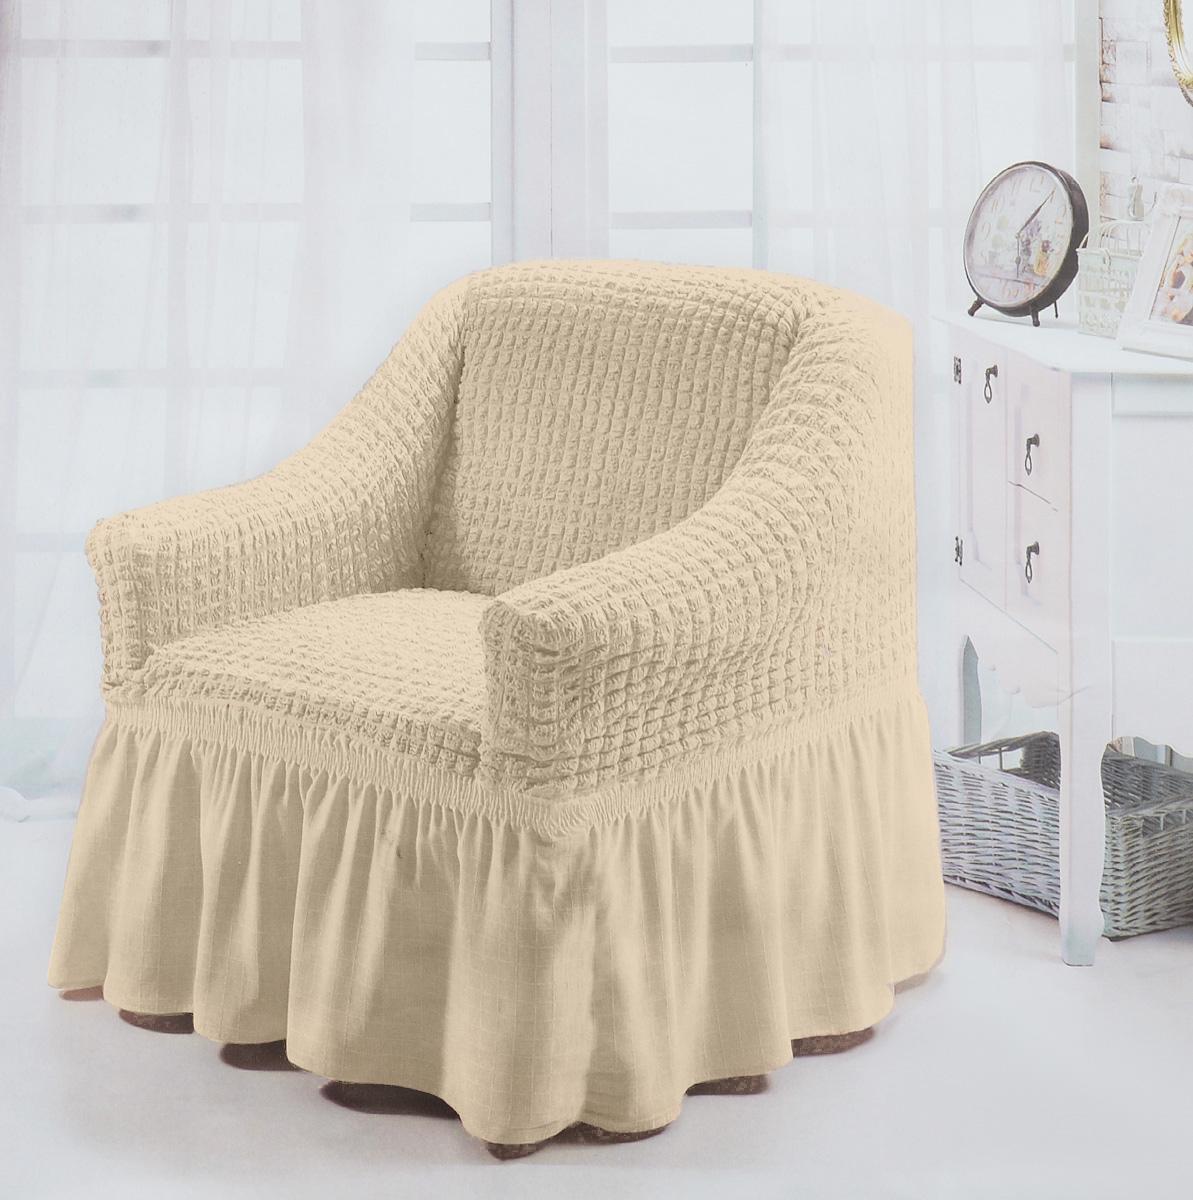 """Чехол на кресло Burumcuk """"Bulsan"""" выполнен из  высококачественного полиэстера и хлопка с красивым  рельефом. Предназначен для кресла стандартного размера со  спинкой высотой в 140 см. Такой чехол изысканно дополнит  интерьер вашего дома. Изделие оснащено закрывающей  оборкой. Ширина и глубина посадочного места: 70-80 см. Высота спинки от сиденья: 70-80 см. Высота подлокотников: 35-45 см. Ширина подлокотников: 25-35 см. Длина оборки: 35 см."""